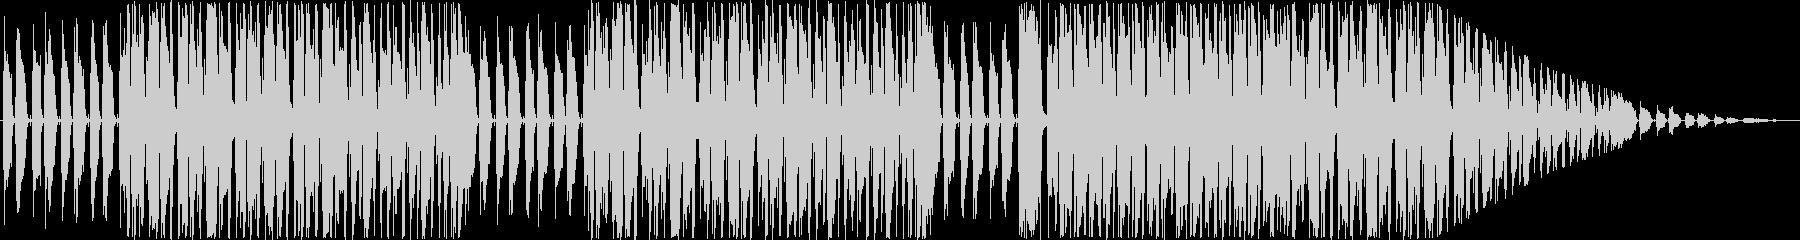 ぽかぽかとした和チックなBGMの未再生の波形